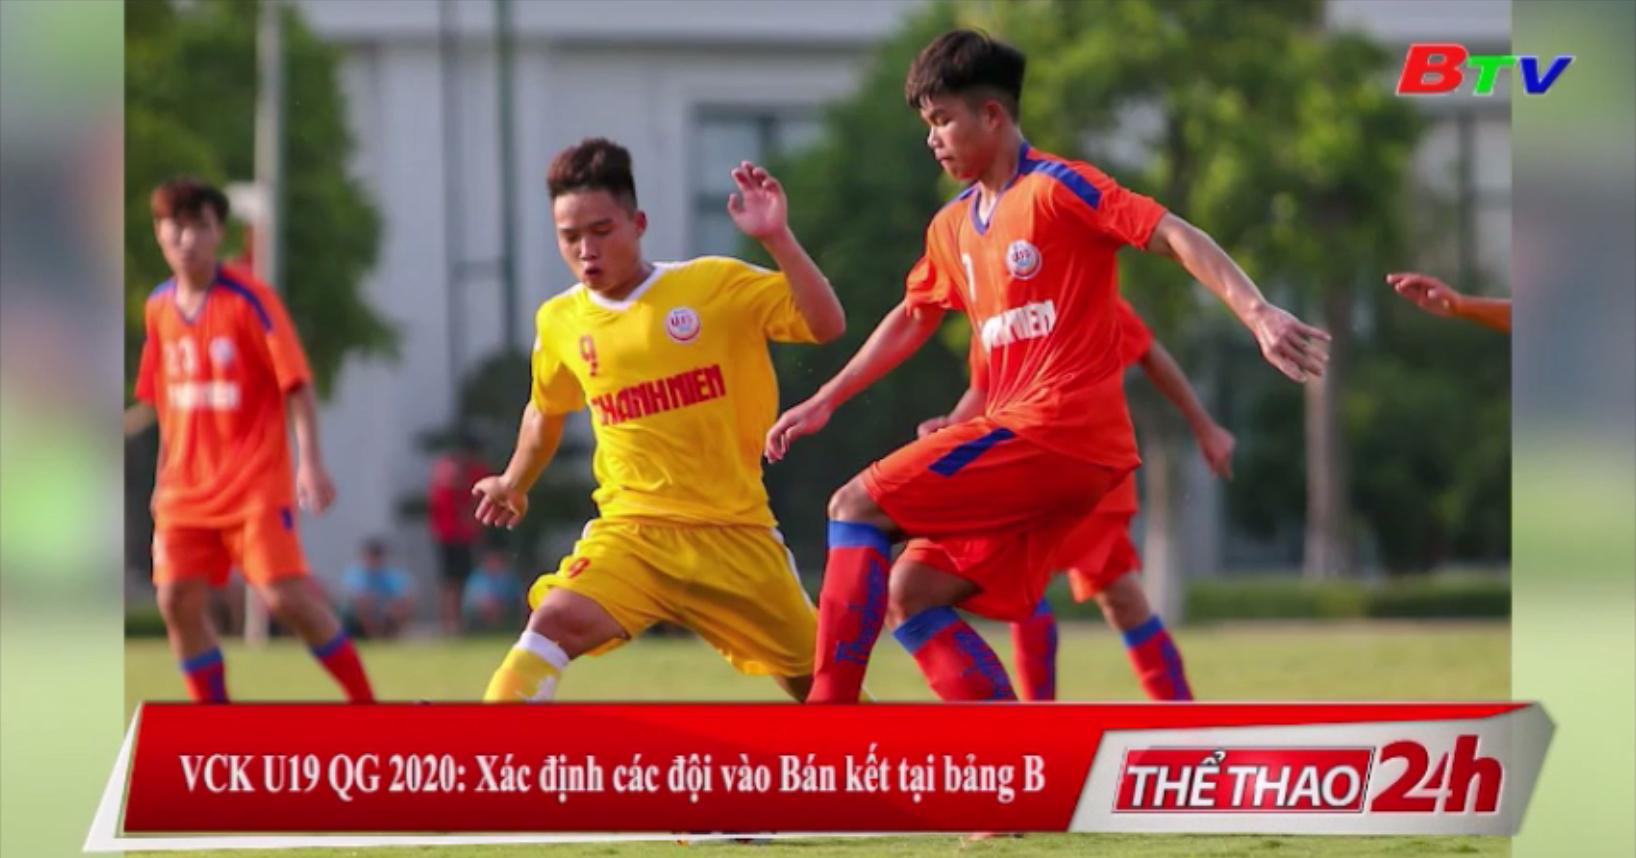 VCK U19 QG 2020 - Xác định các đội vào Bán kết tại bảng B